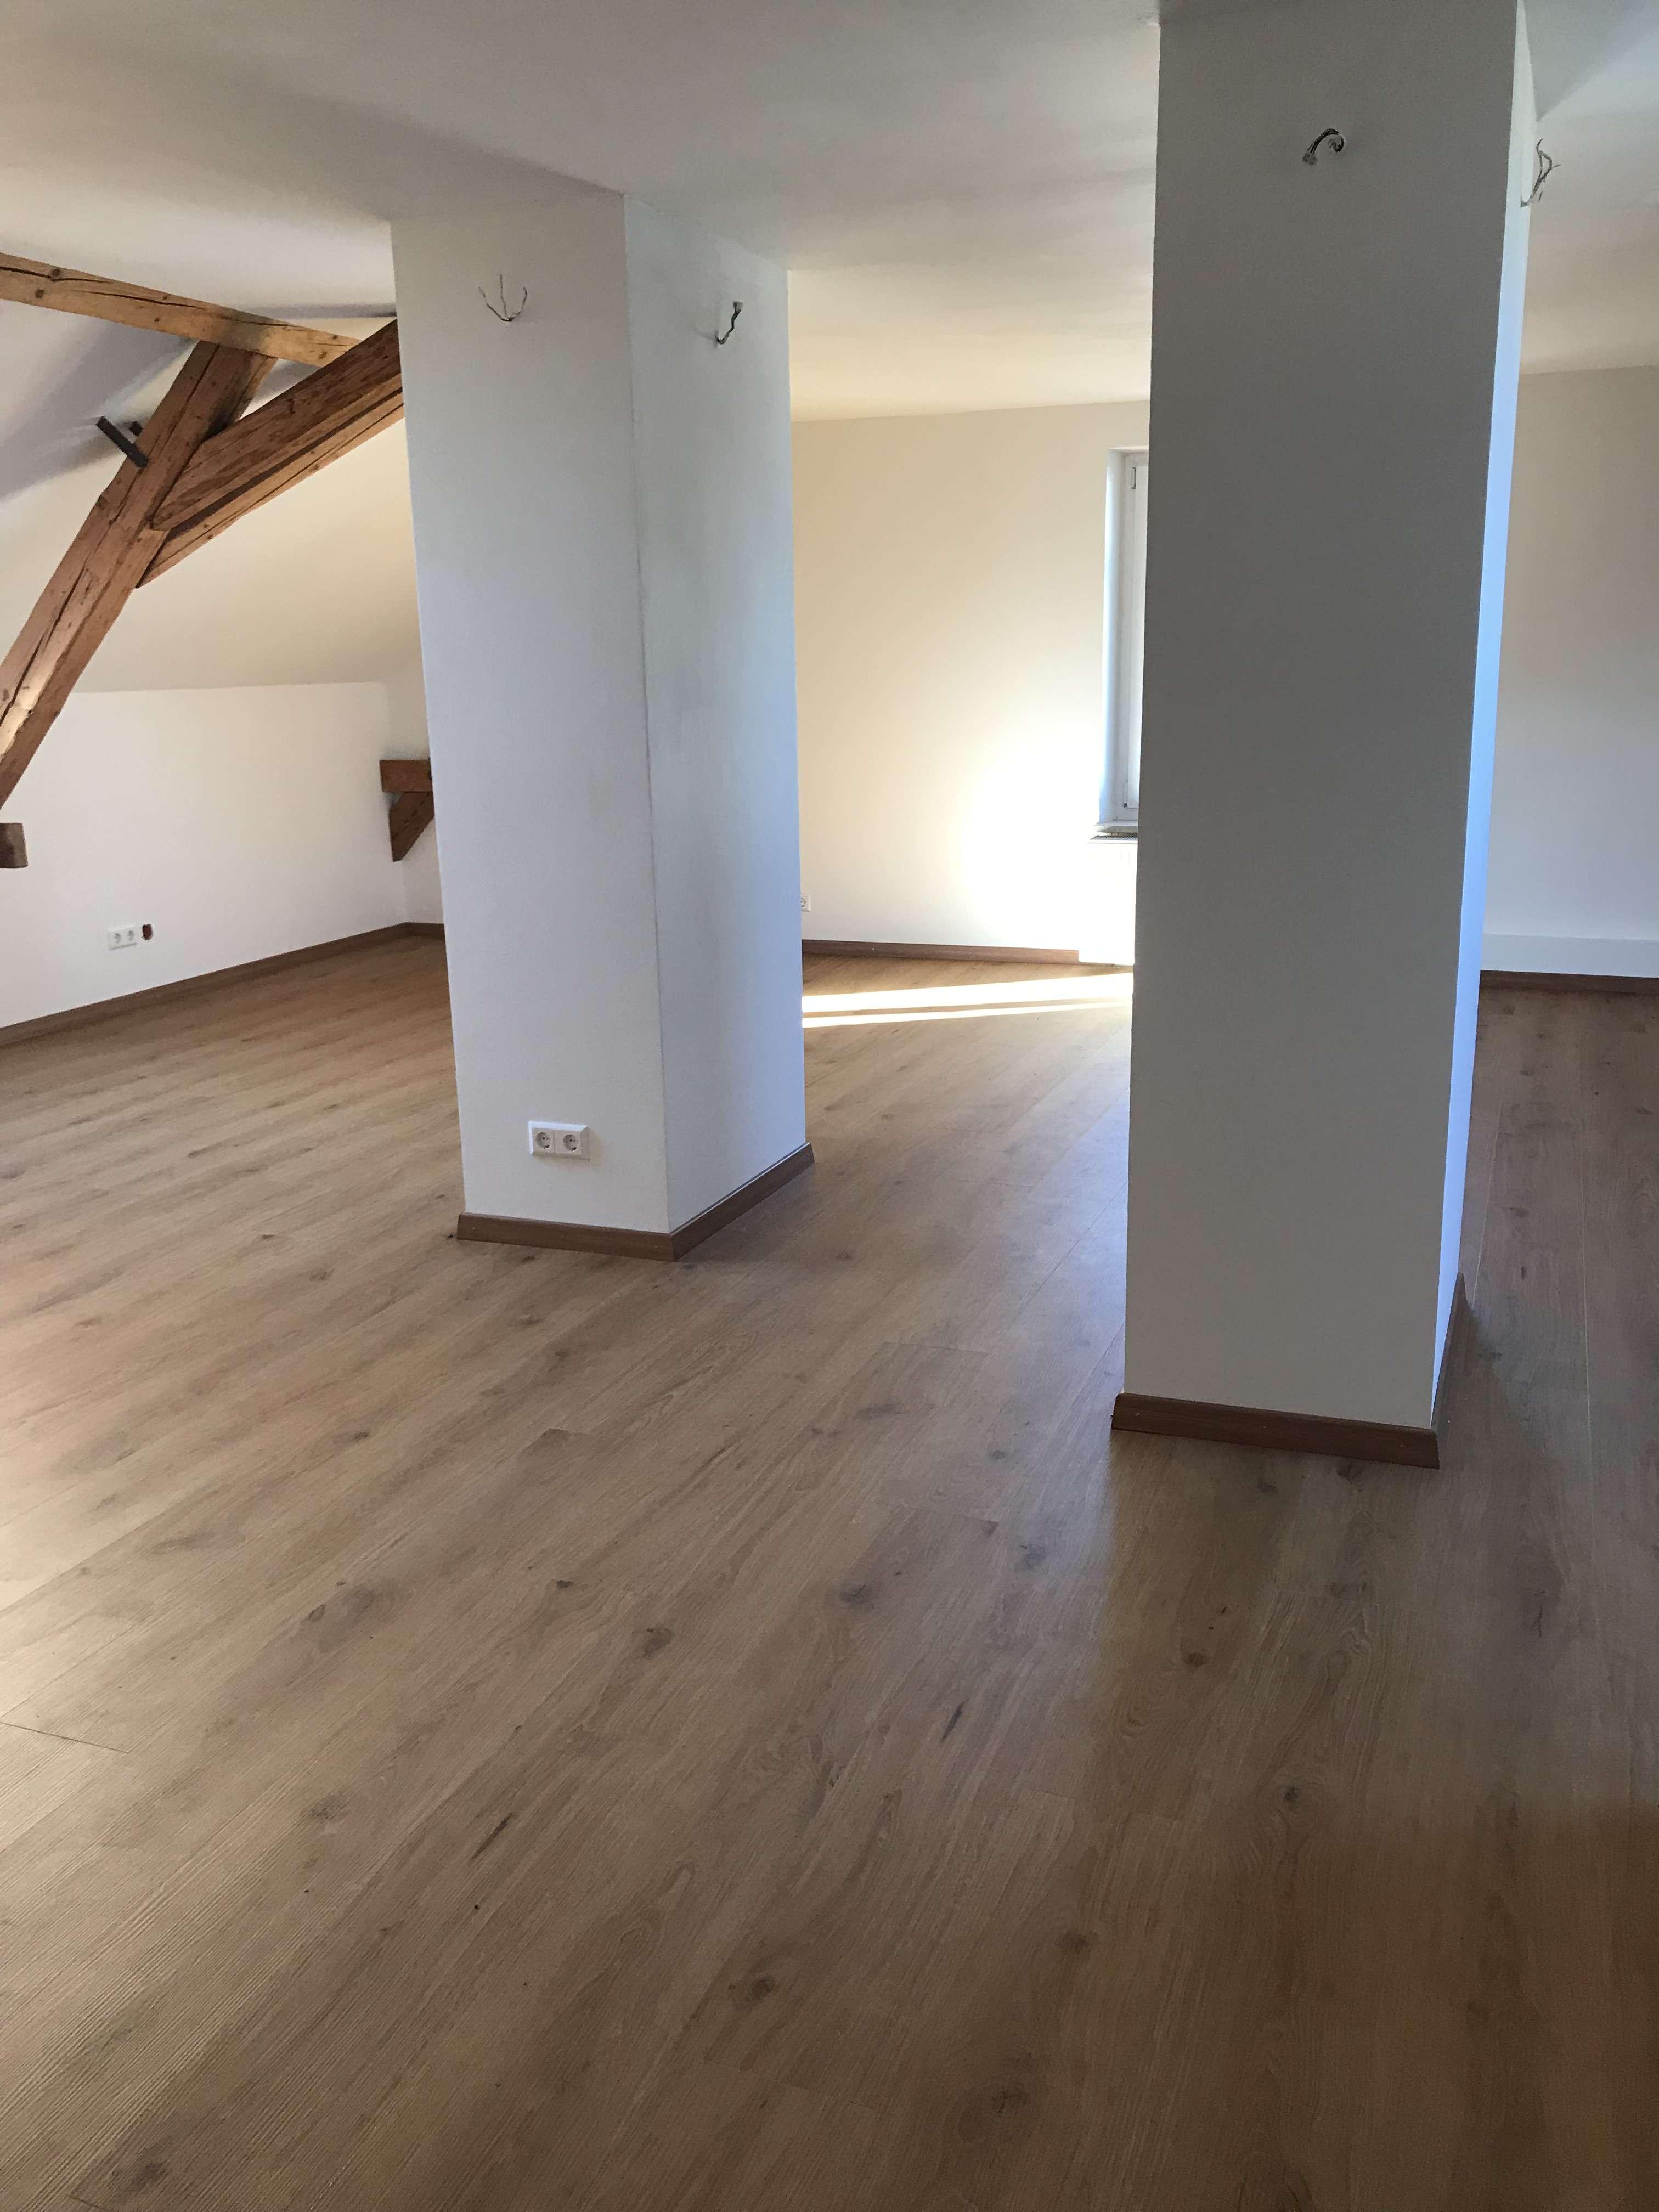 Saniertes DG: Gemütliche 2-Zimmerwhg. (möbliert/teilmöbliert), Vermietung auf Zeit oder langfristig in Nonnenhorn